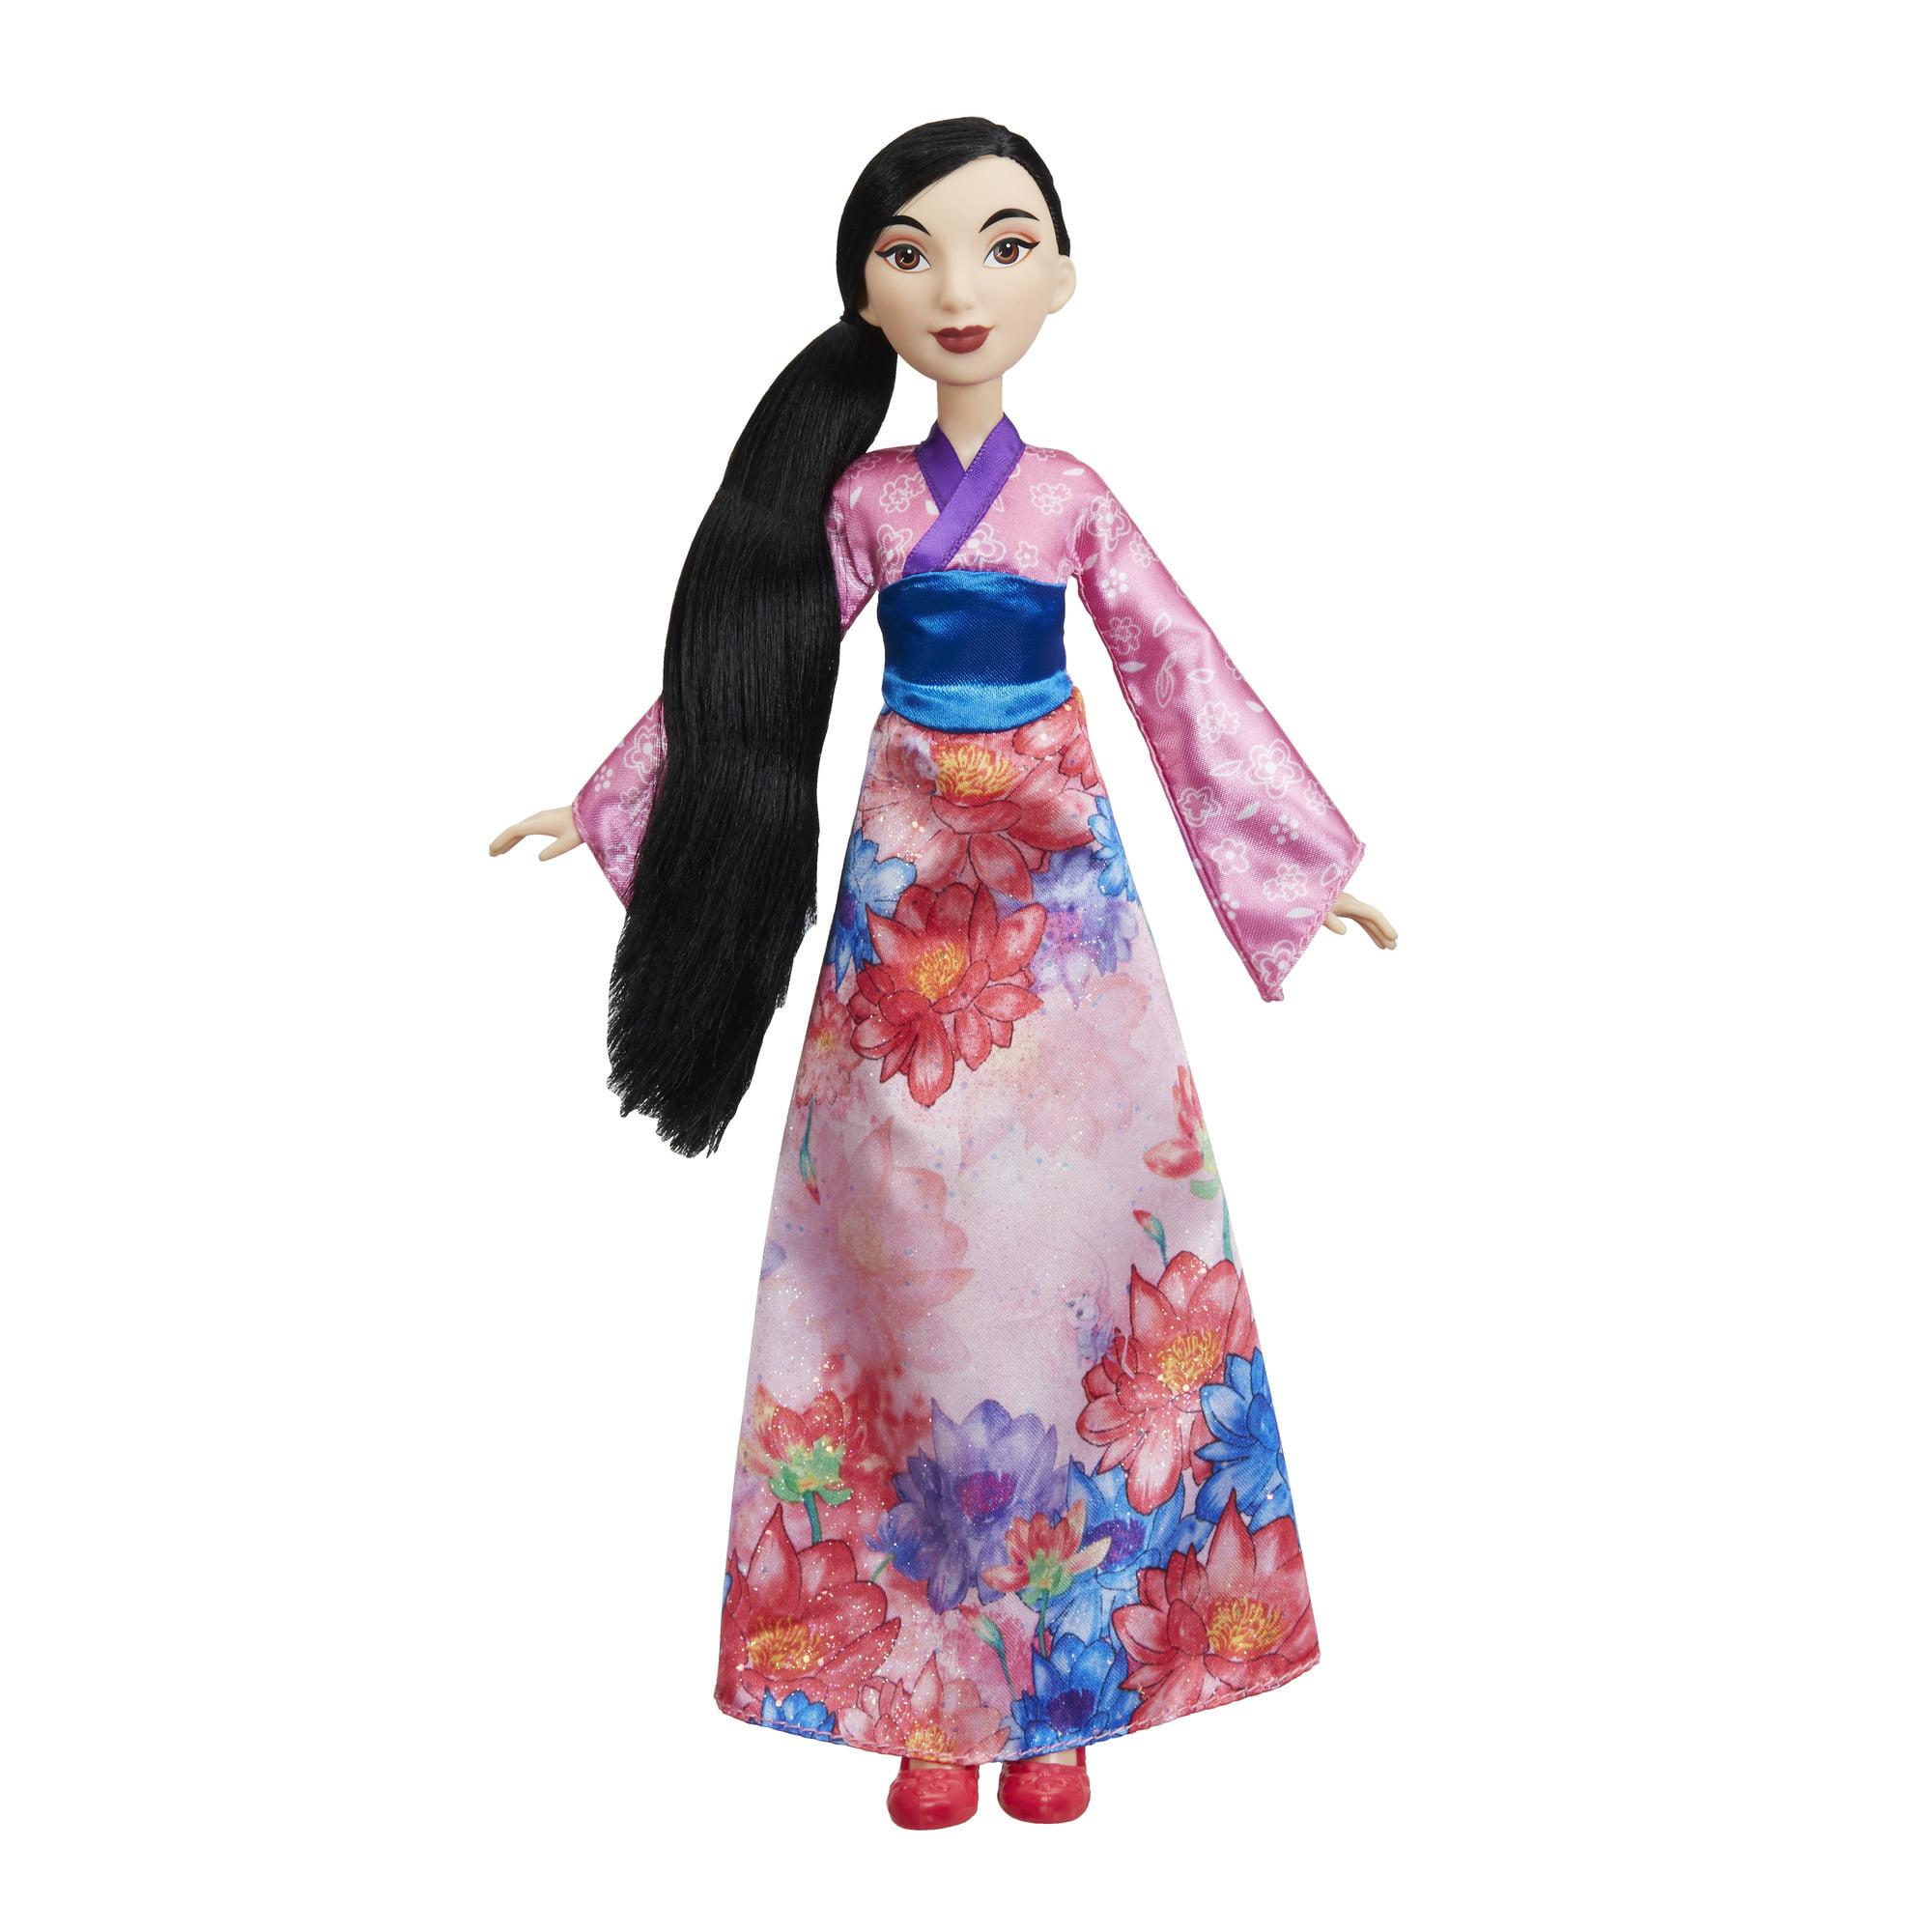 Disney Princess Royal Shimmer Mulan Doll, Ages 3 and up